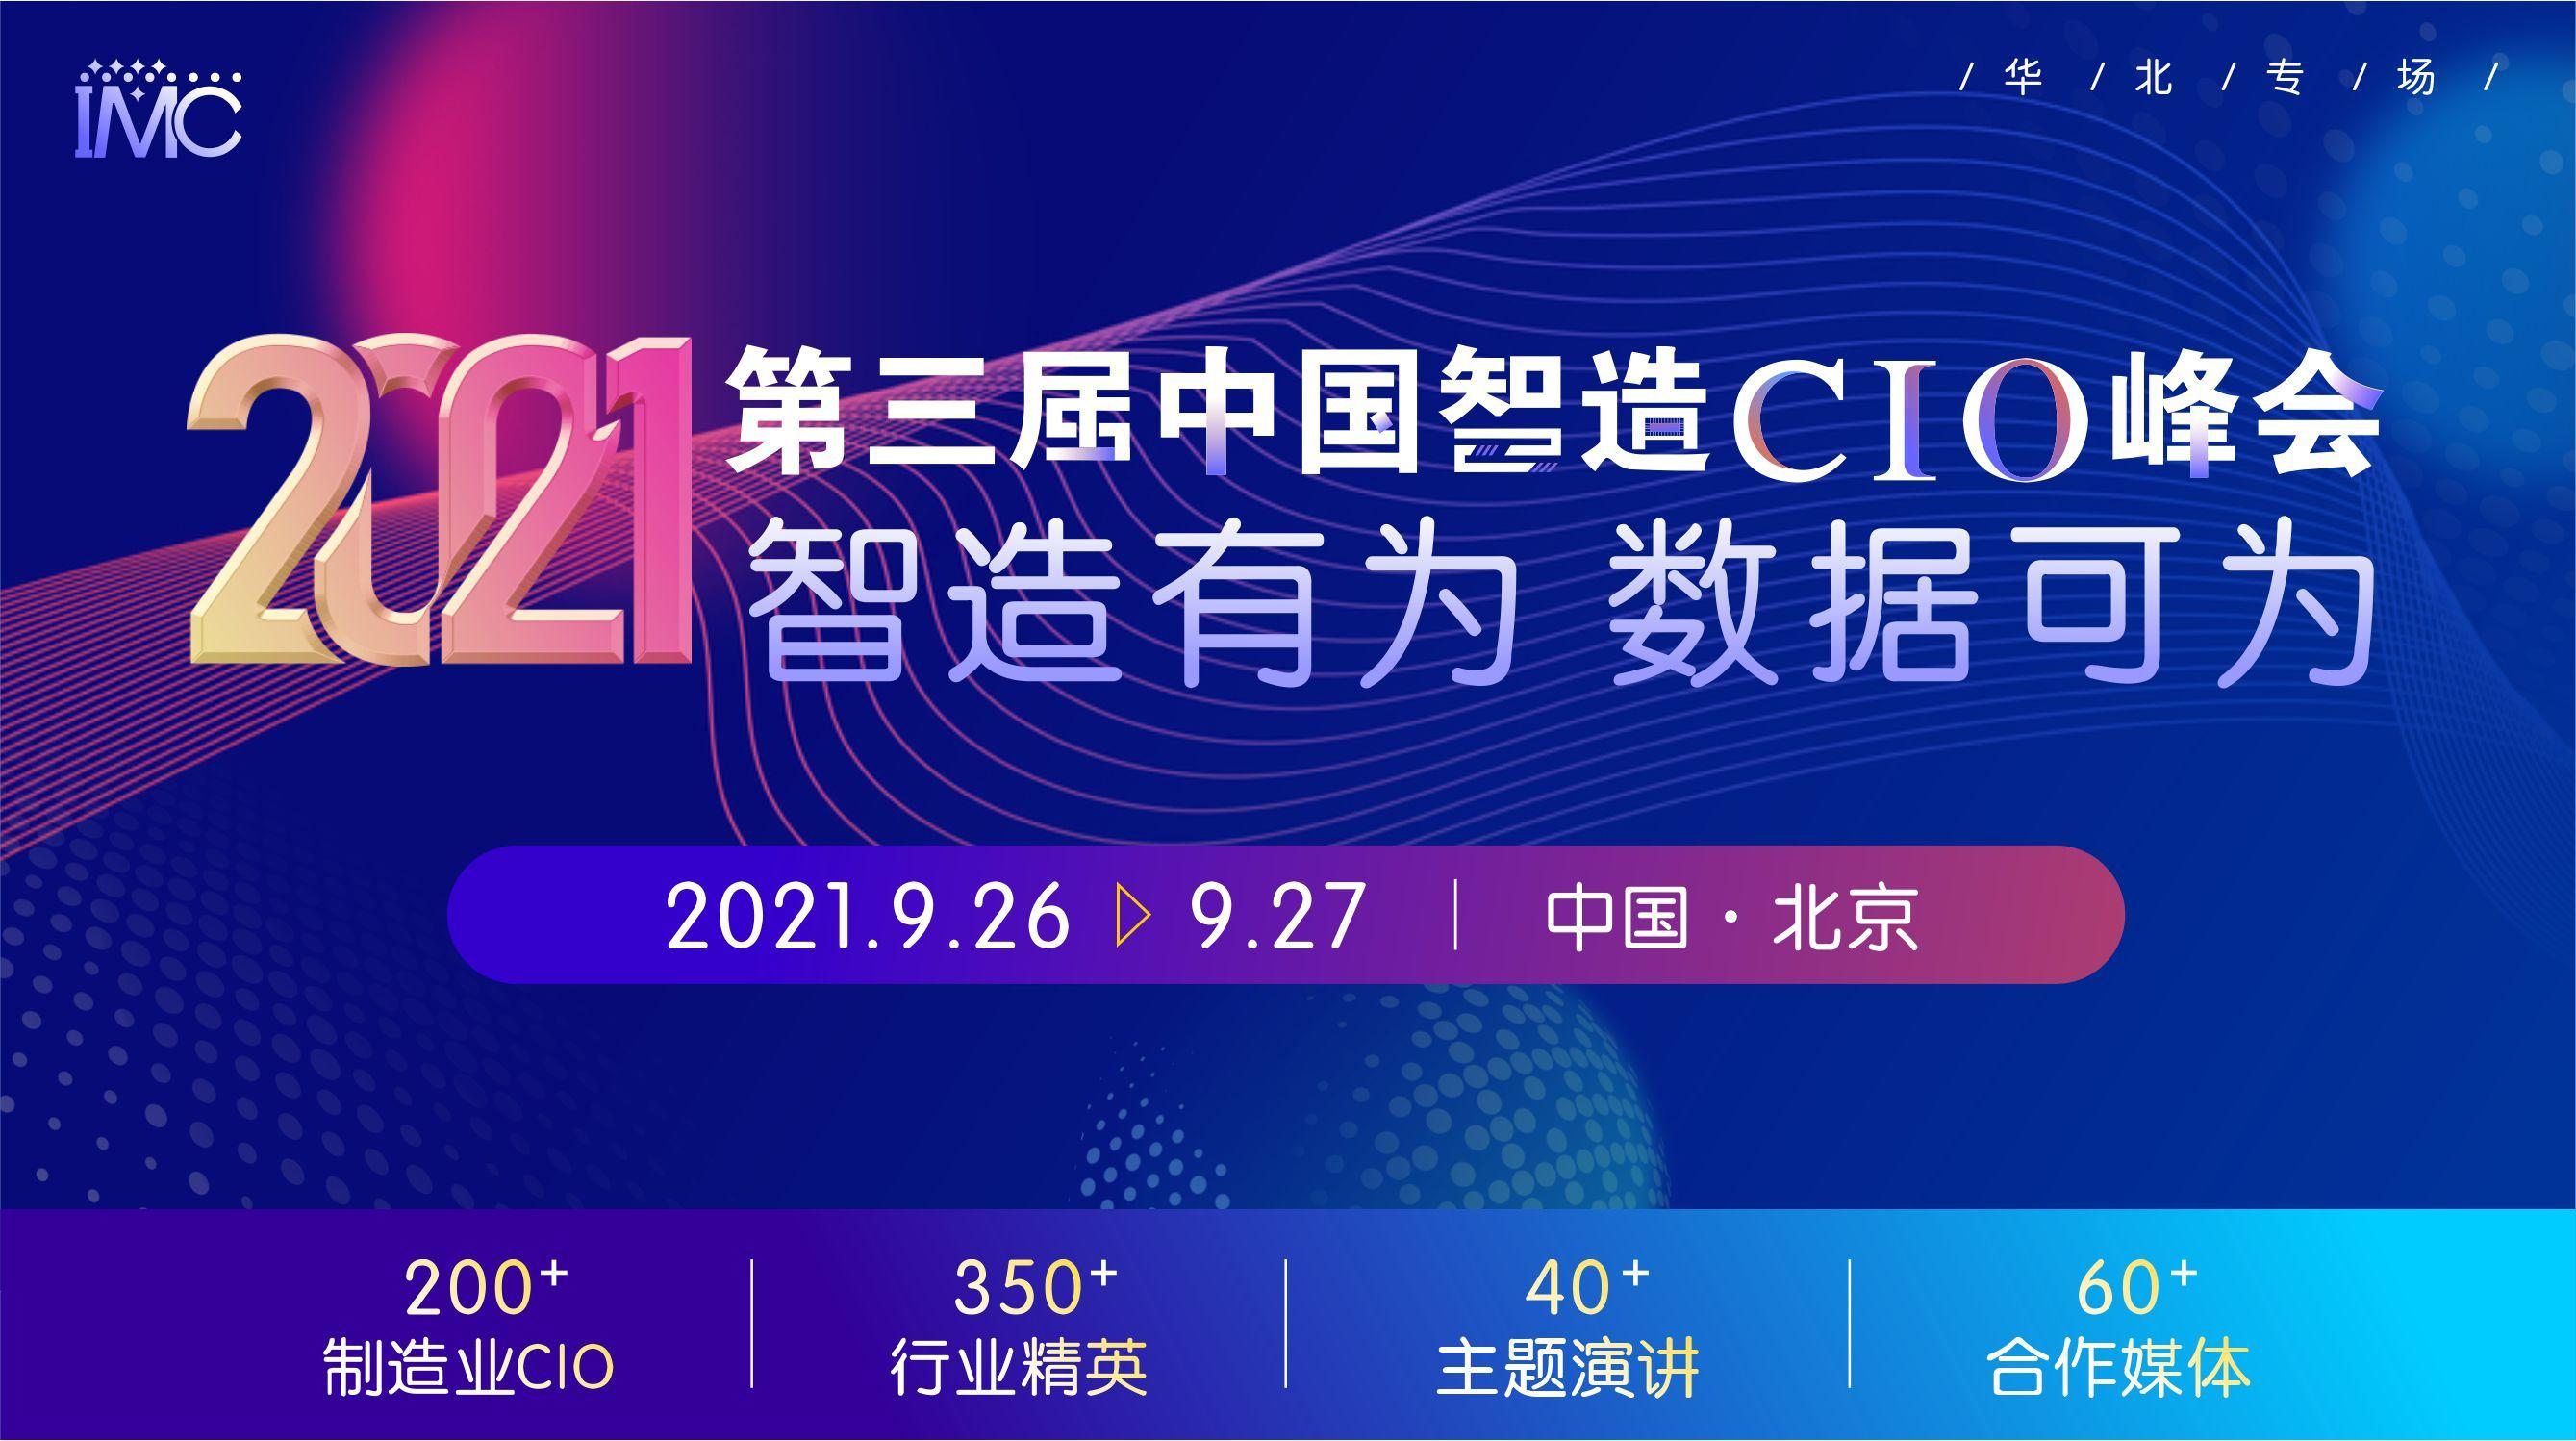 IMC 2021中國智造CIO峰會(華北)